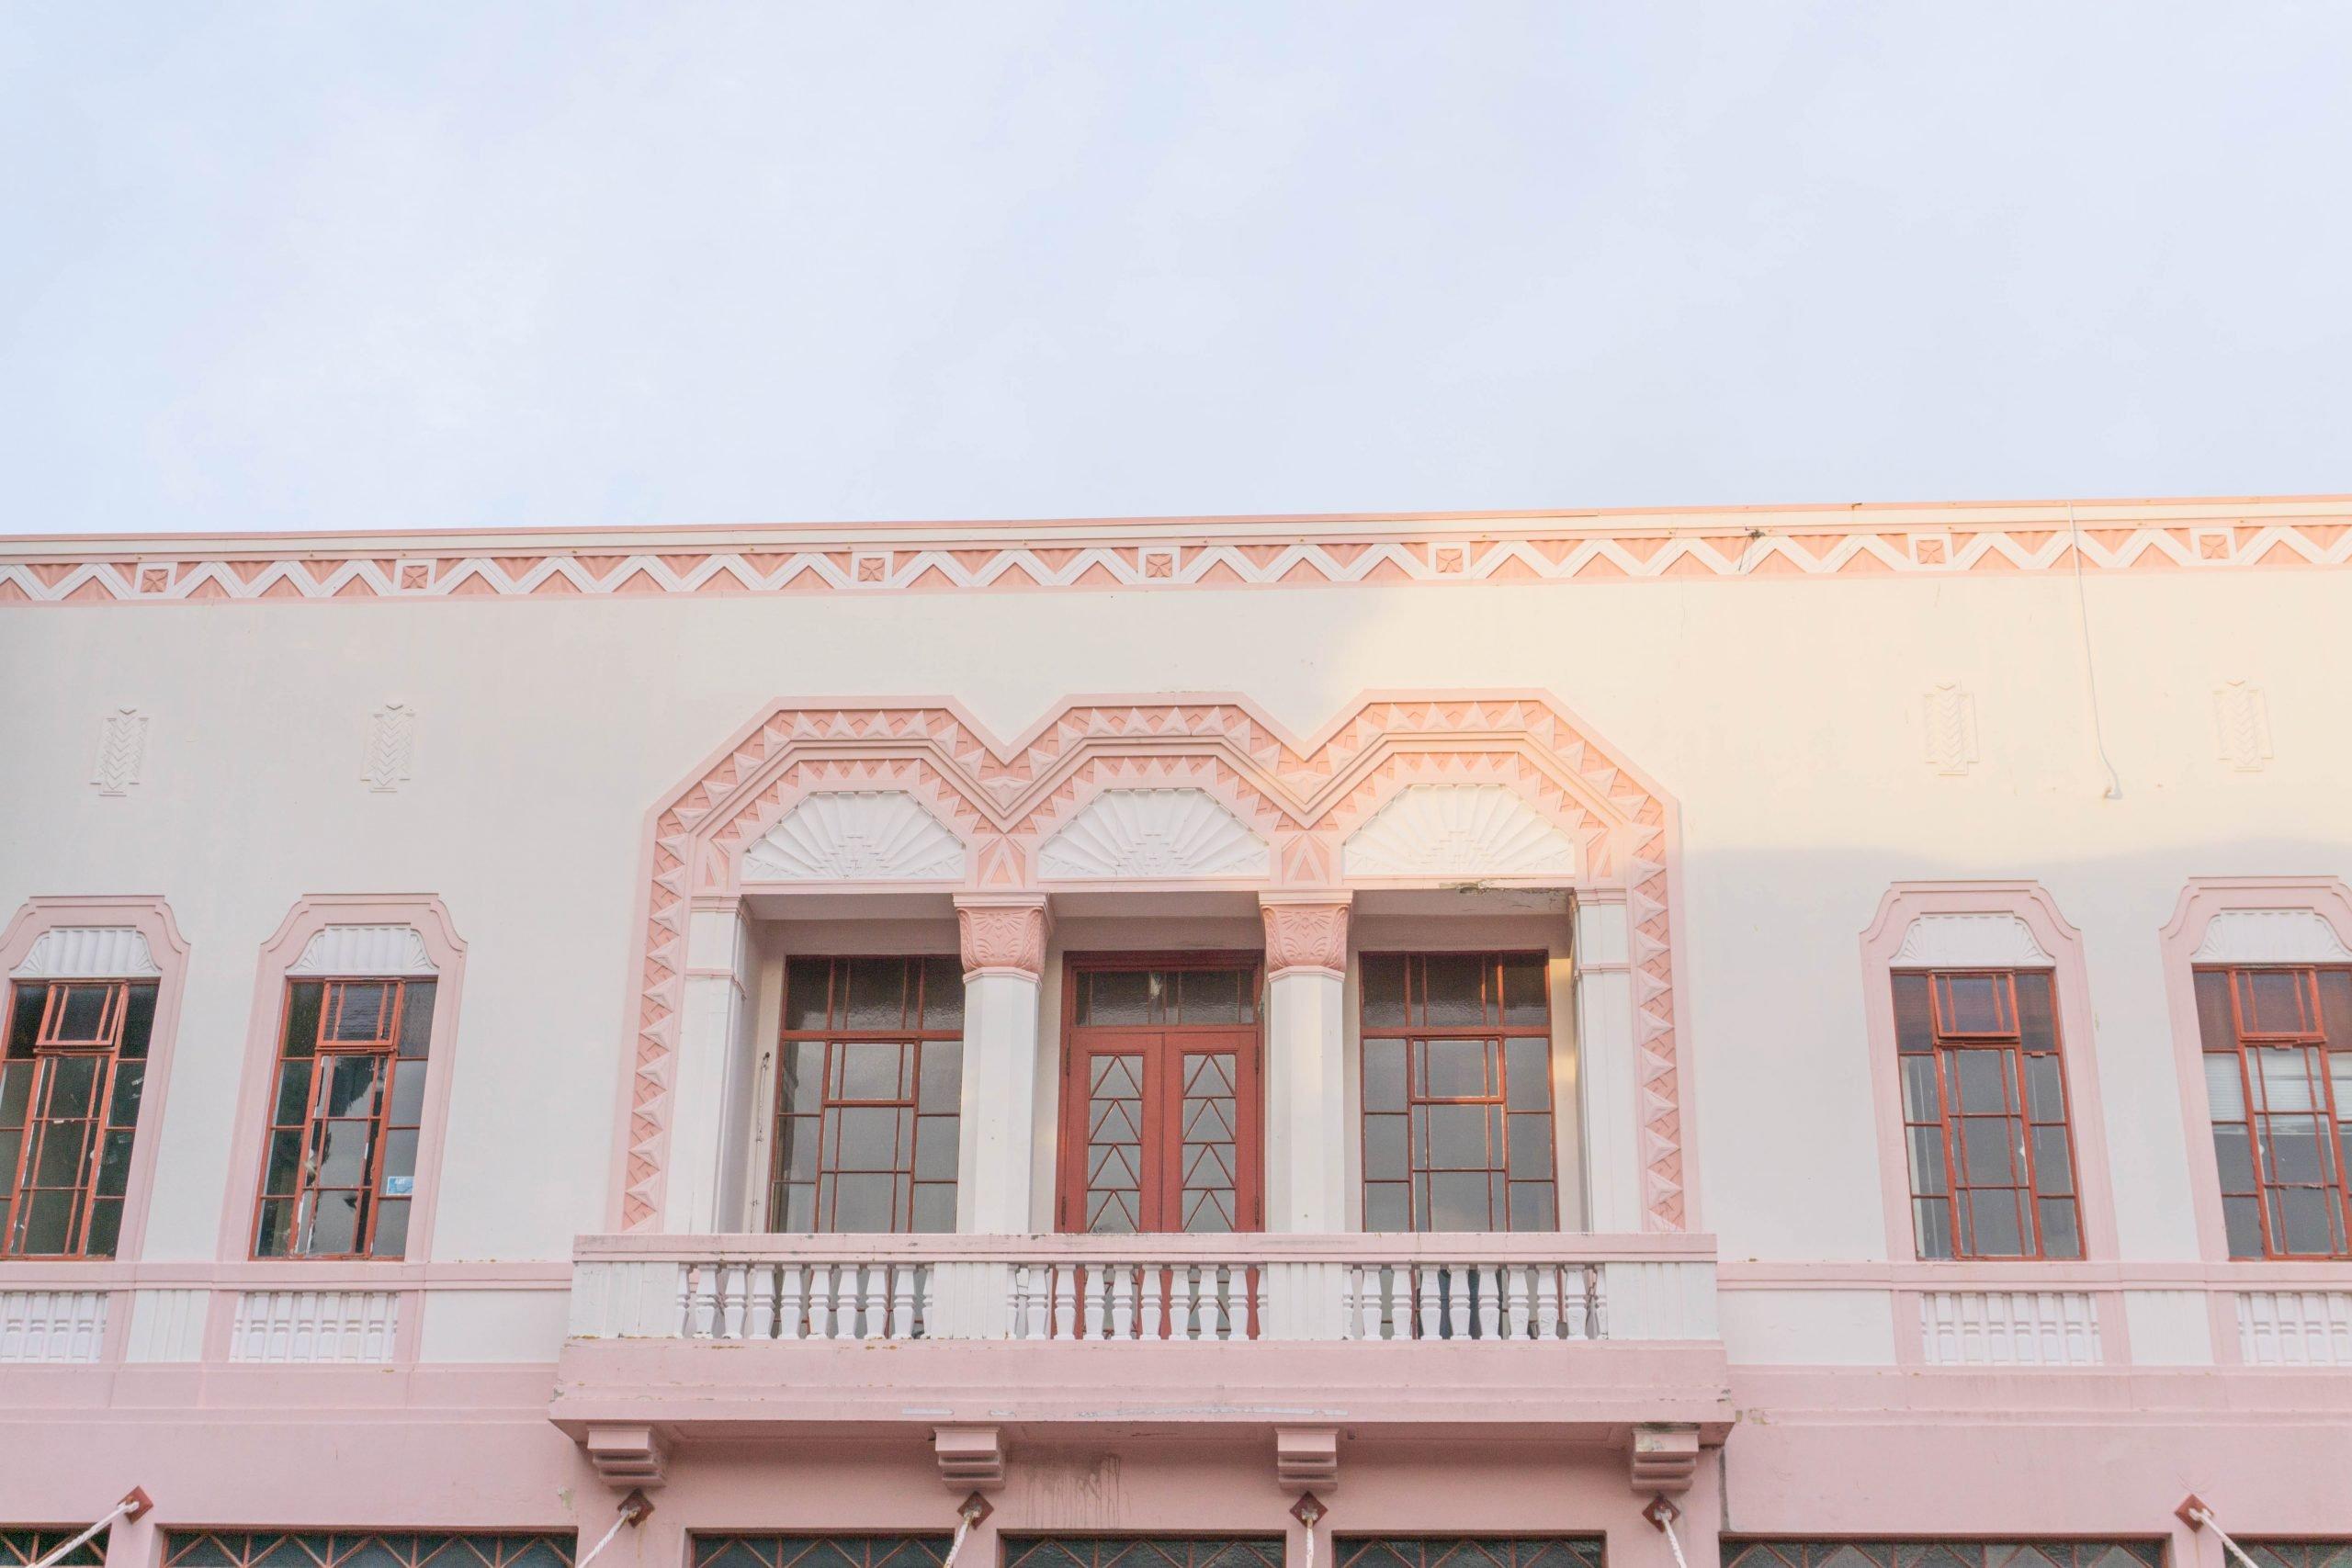 Pink art deco building in Napier